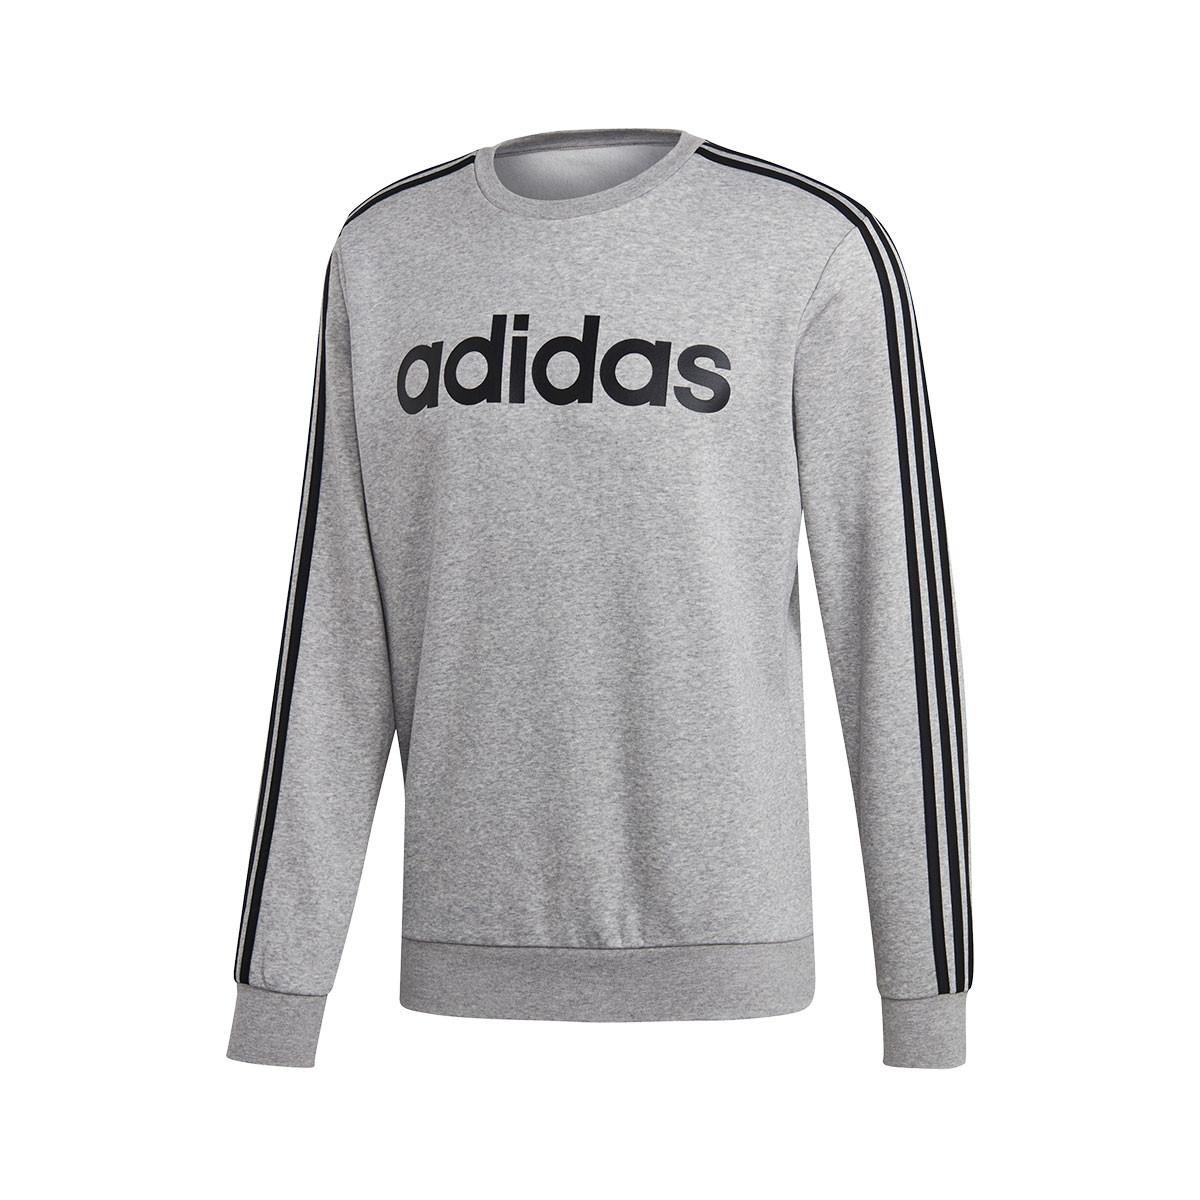 familia Cereal Explosivos  Sweatshirt adidas Essentials 3 Stripes Crew Fleece Grey - Football store  Fútbol Emotion